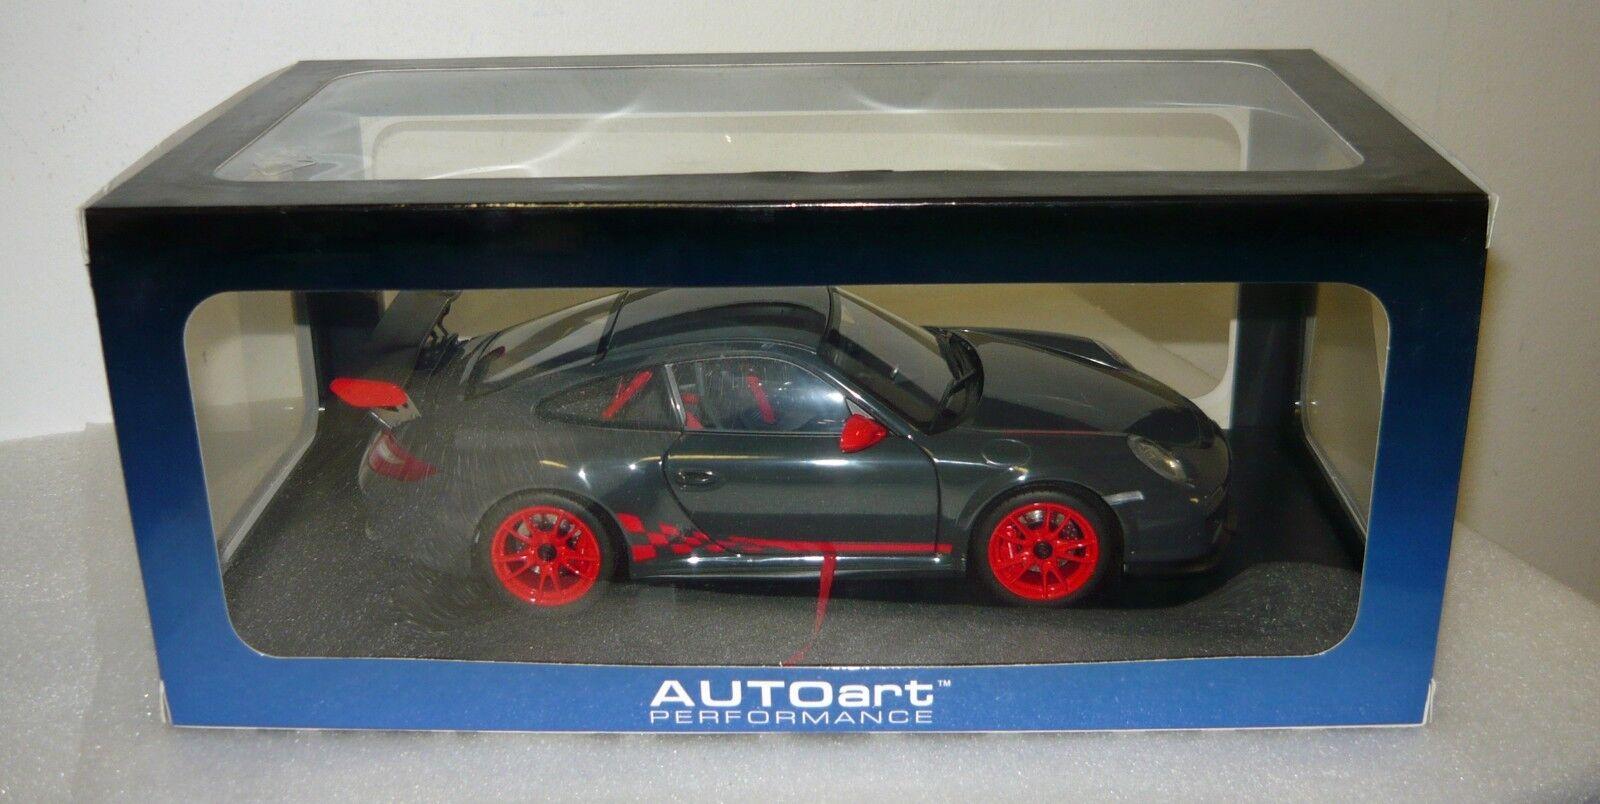 Autoart 78141, Porsche 911 (997) gt3 RS 3.8, Grigio Nero con rosso, 1 18, neu&ovp